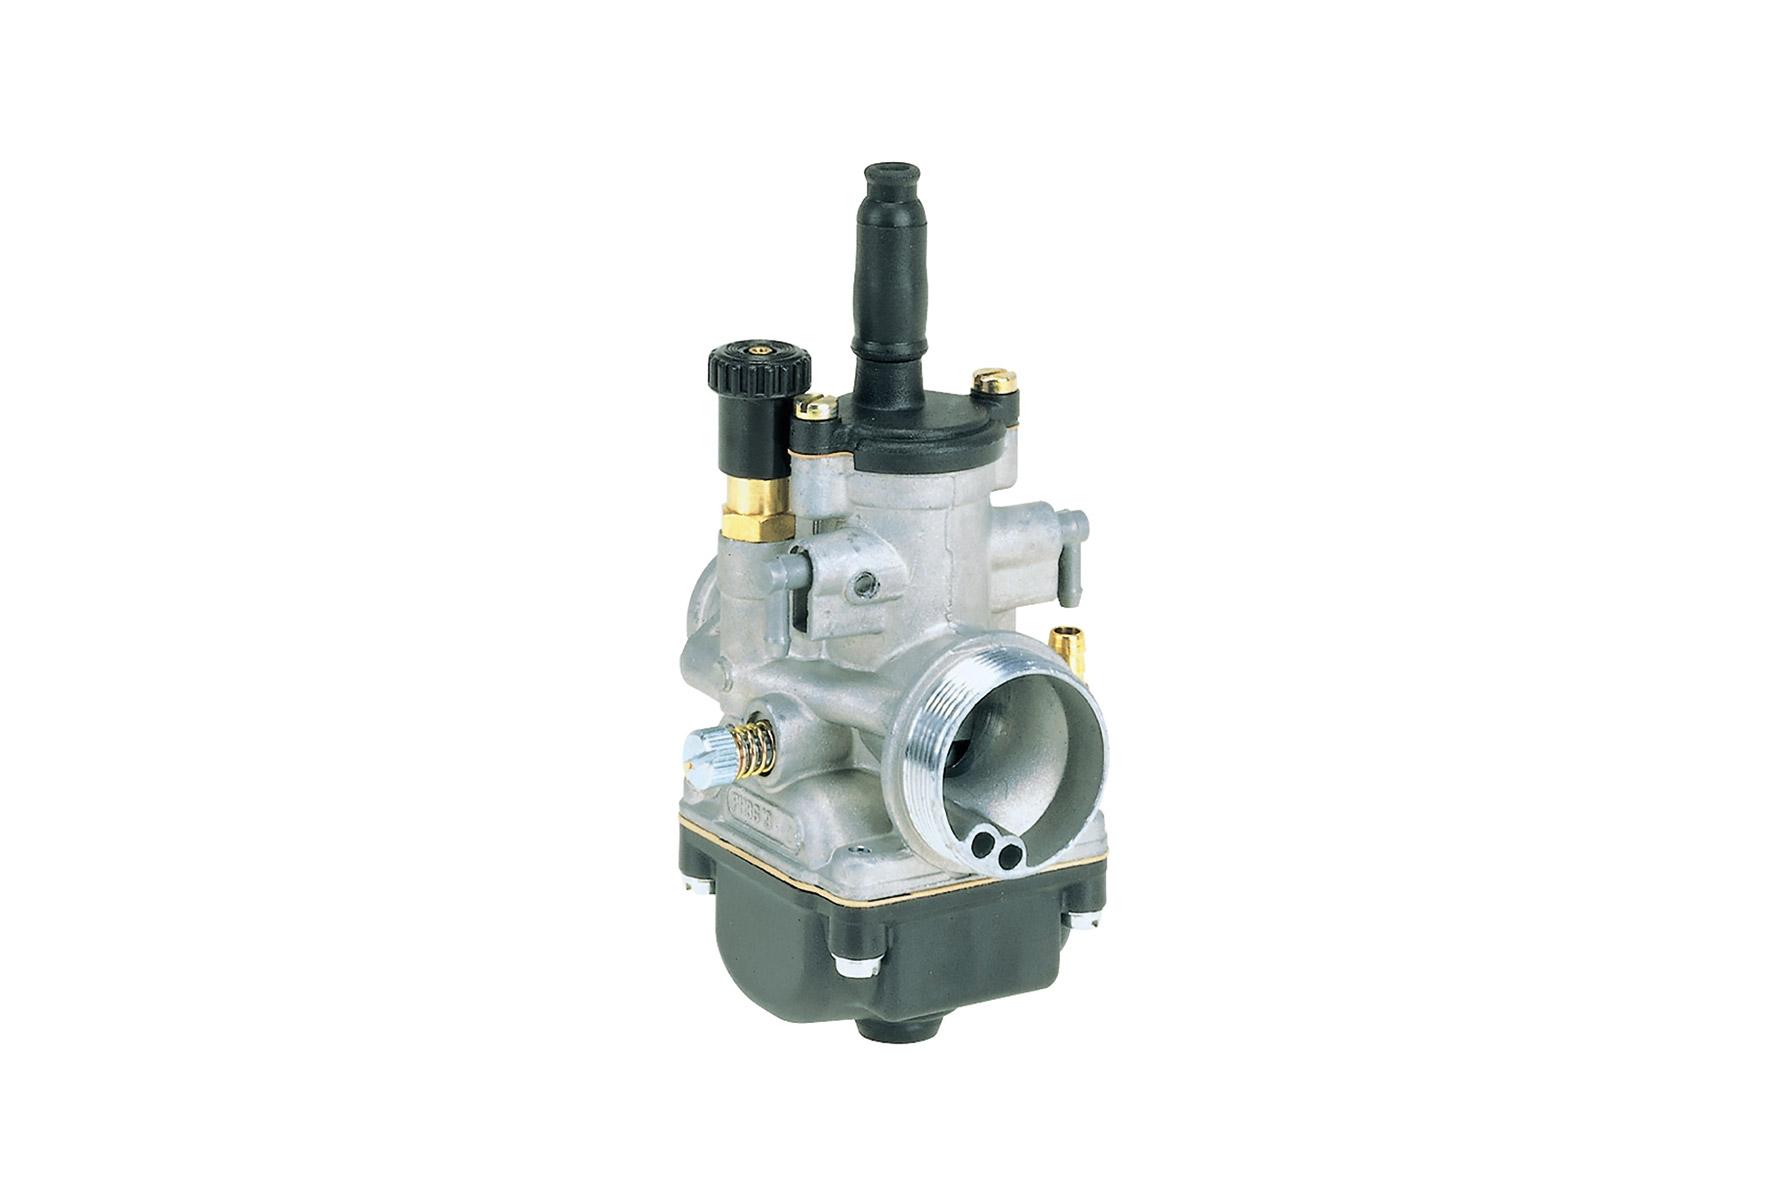 Carburateur Malossi 2519 PHBG 16 AS